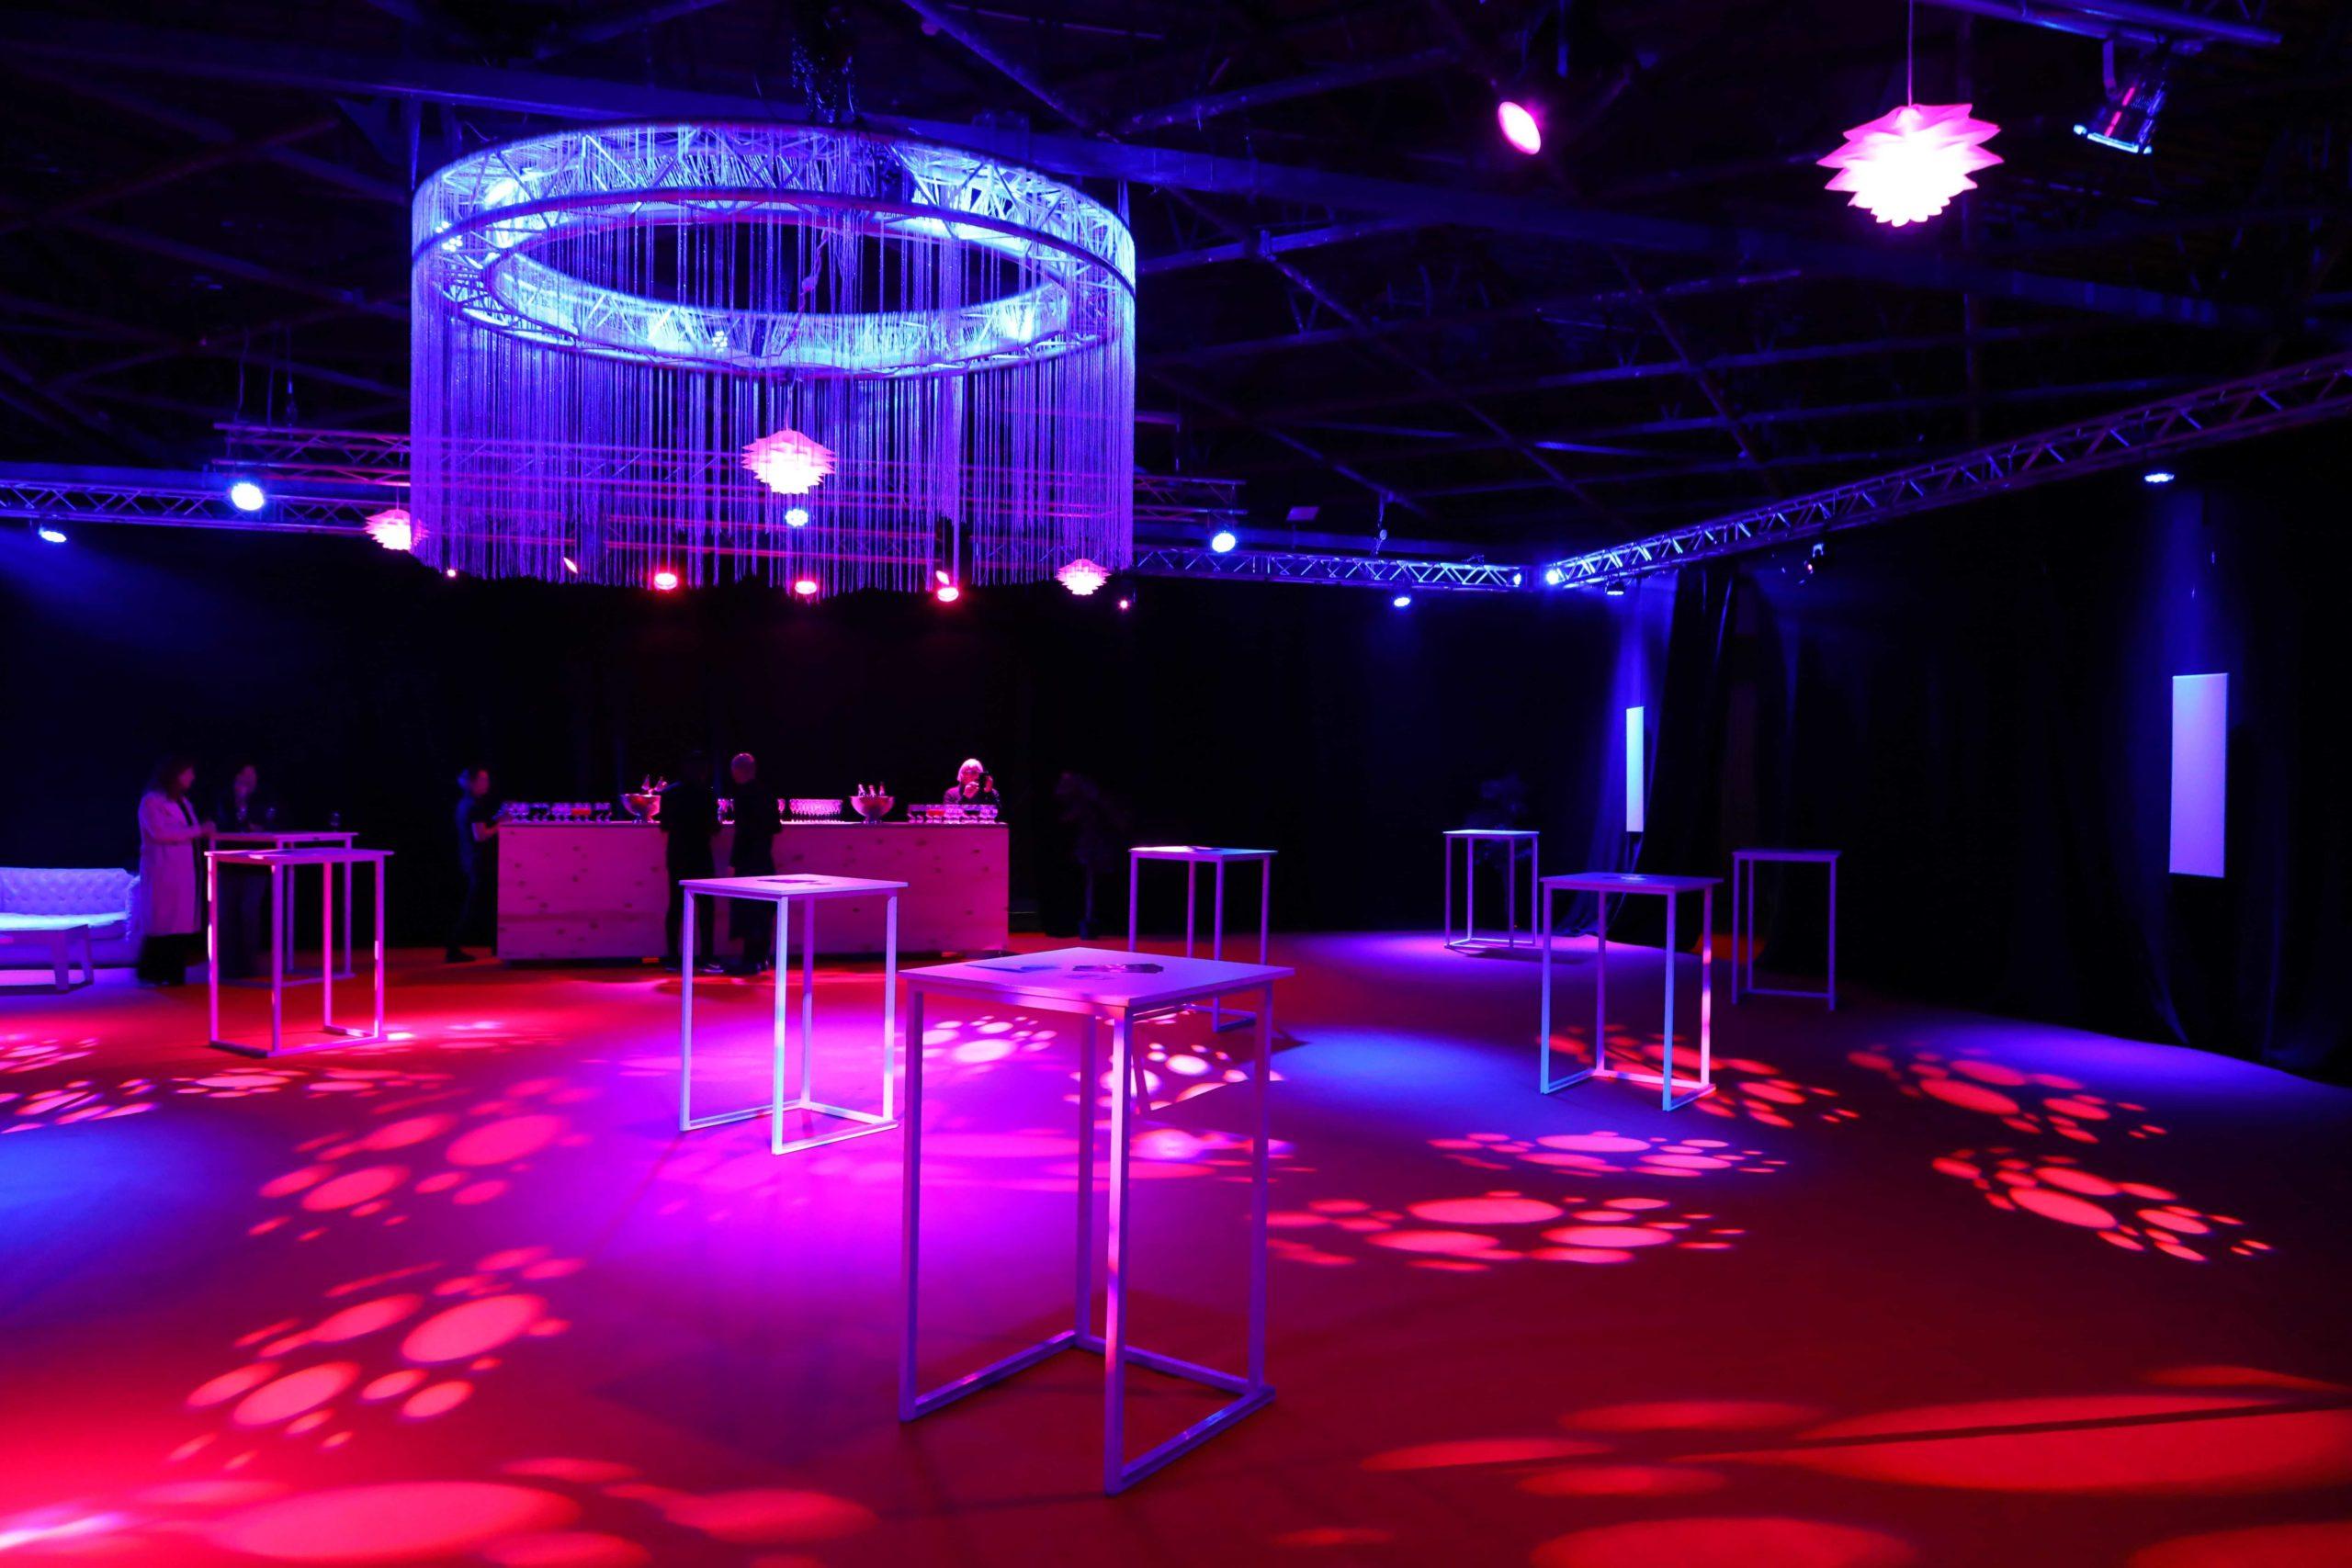 réception VIp ou espace VIP , nous créons un espace sur mesure et luxueux.